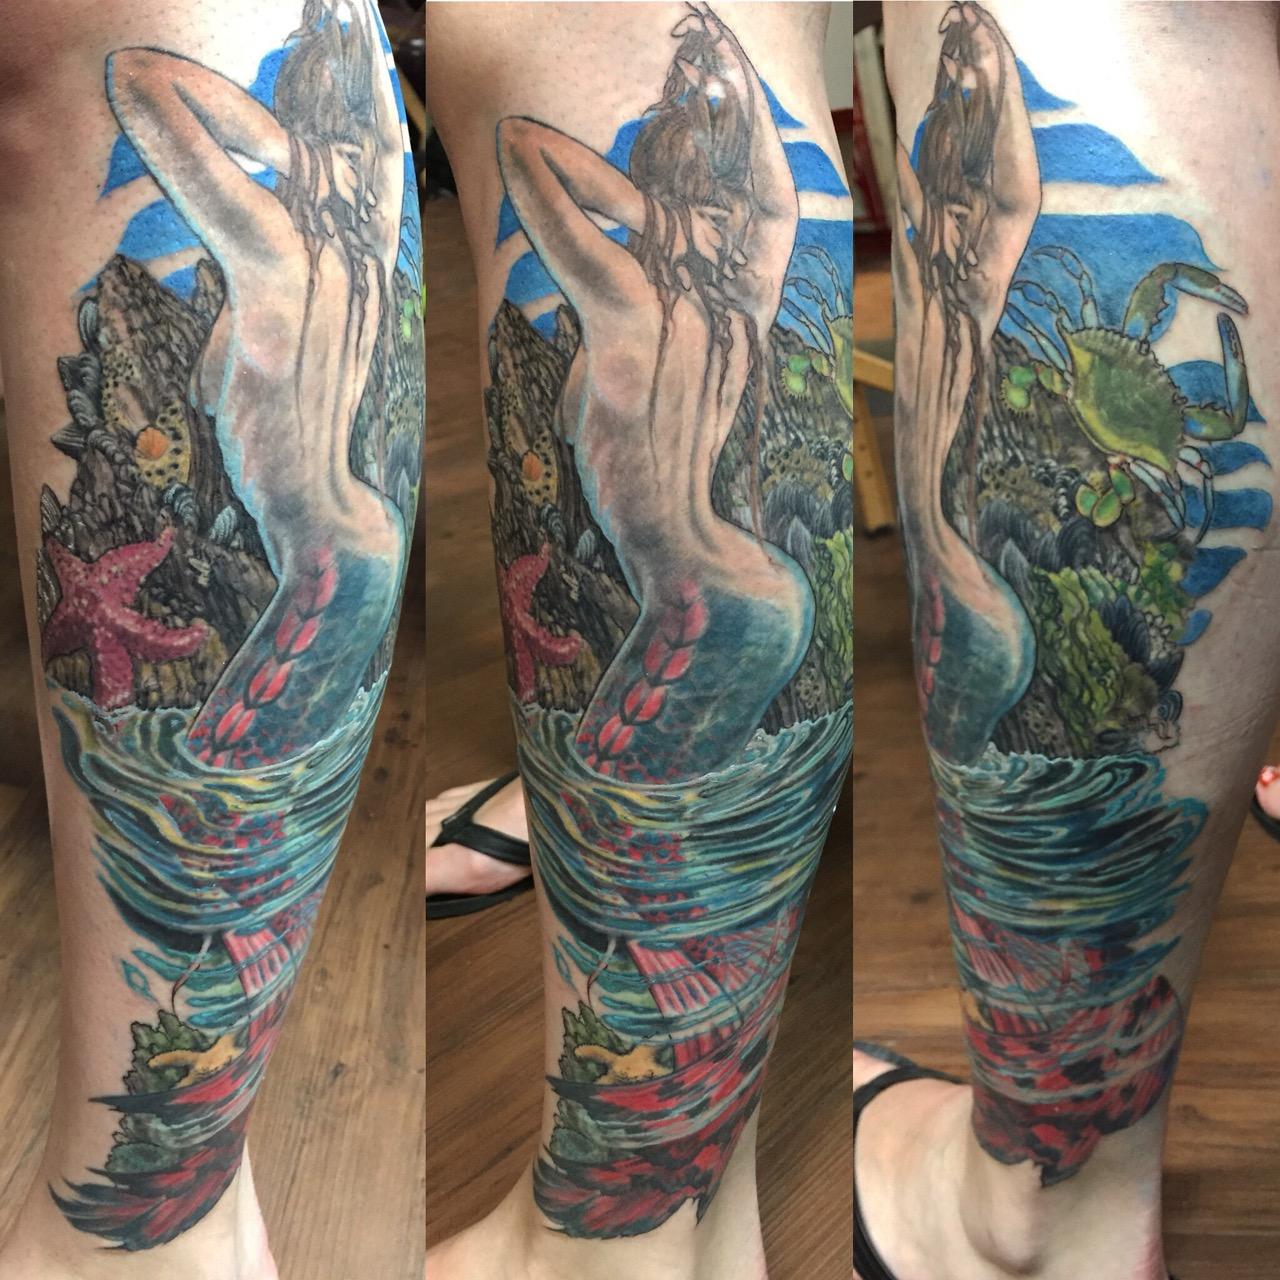 Jesse_Fowler_Tattoos_ - 17.jpg